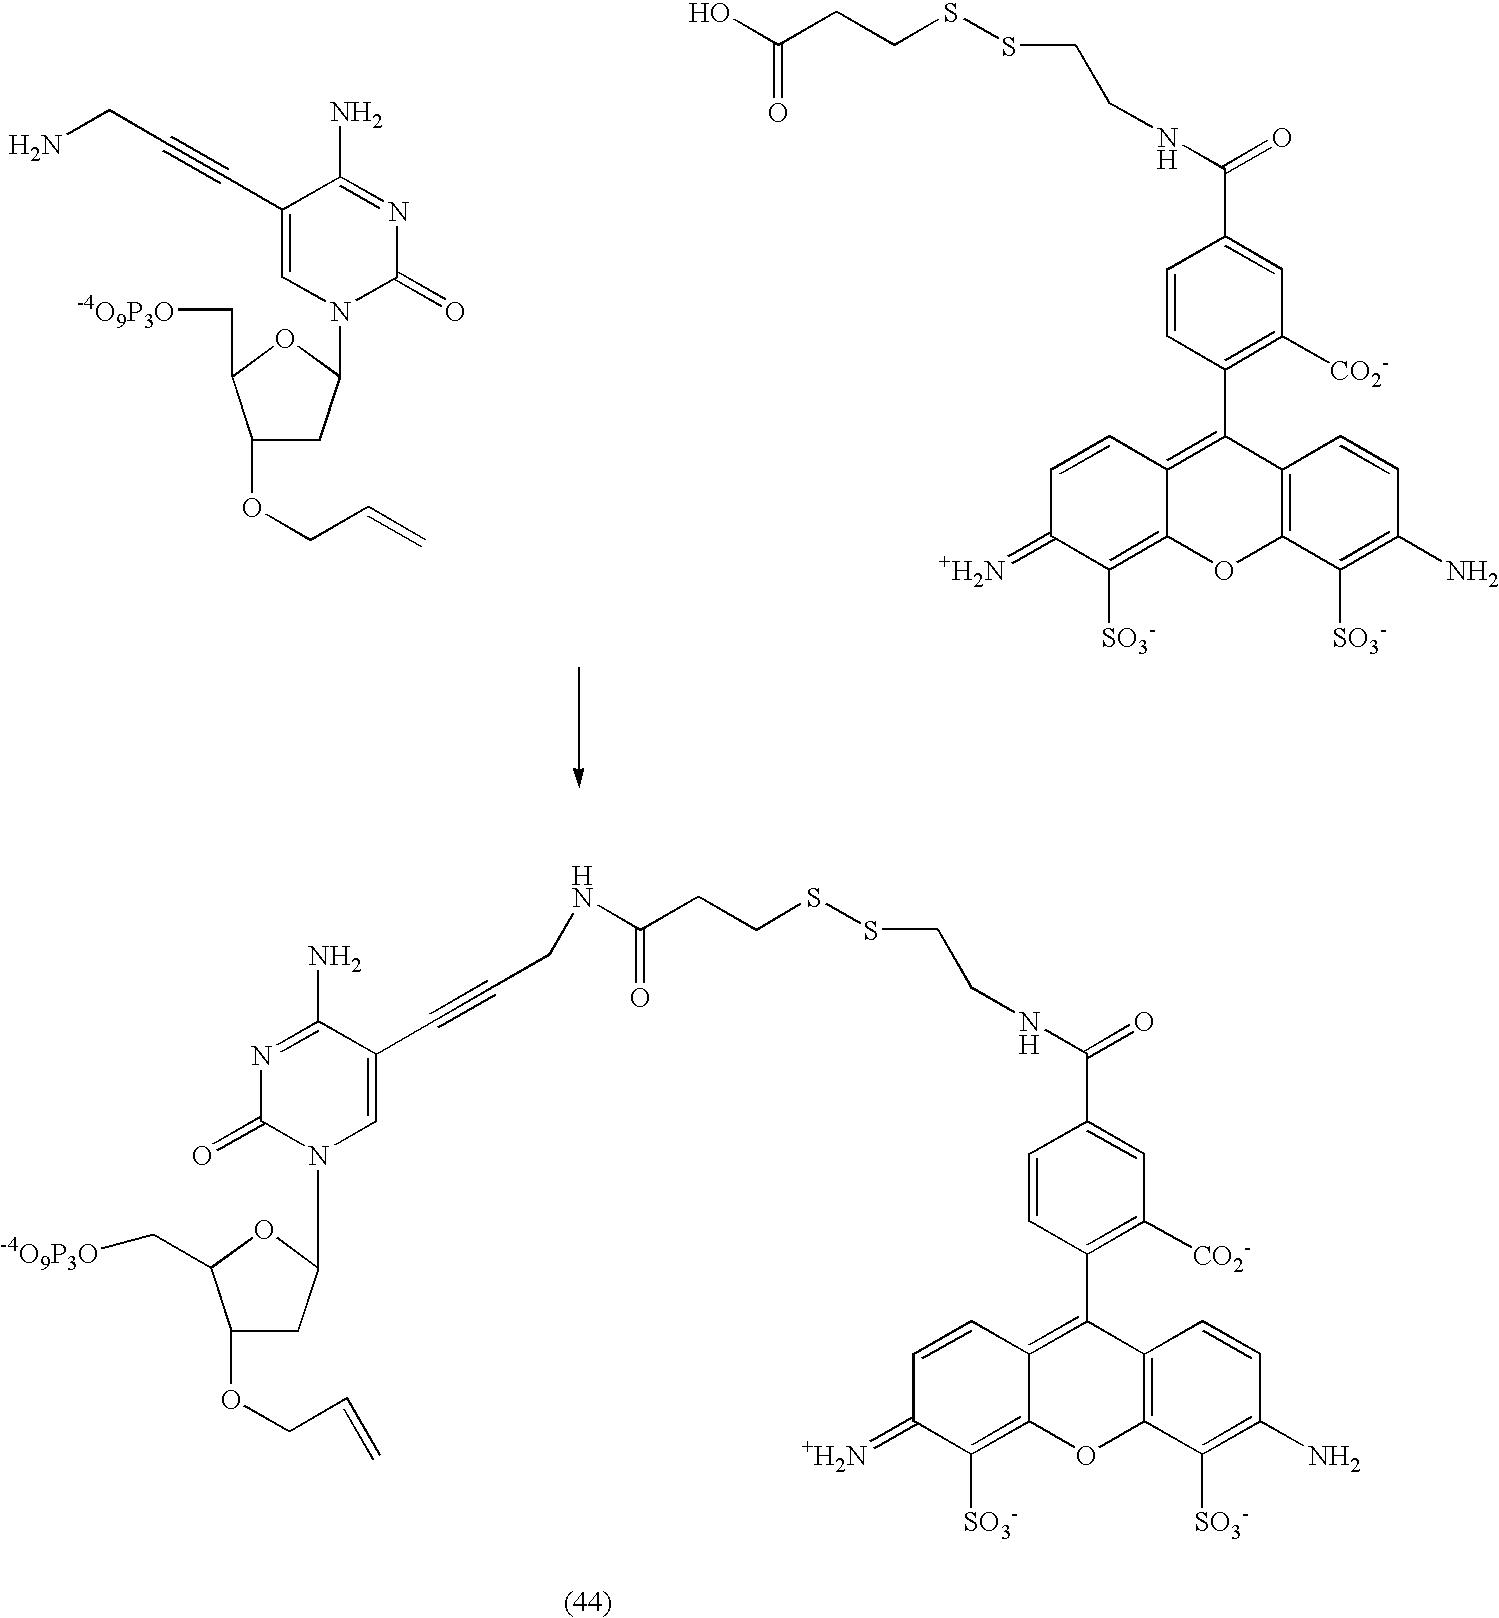 Figure US07541444-20090602-C00051